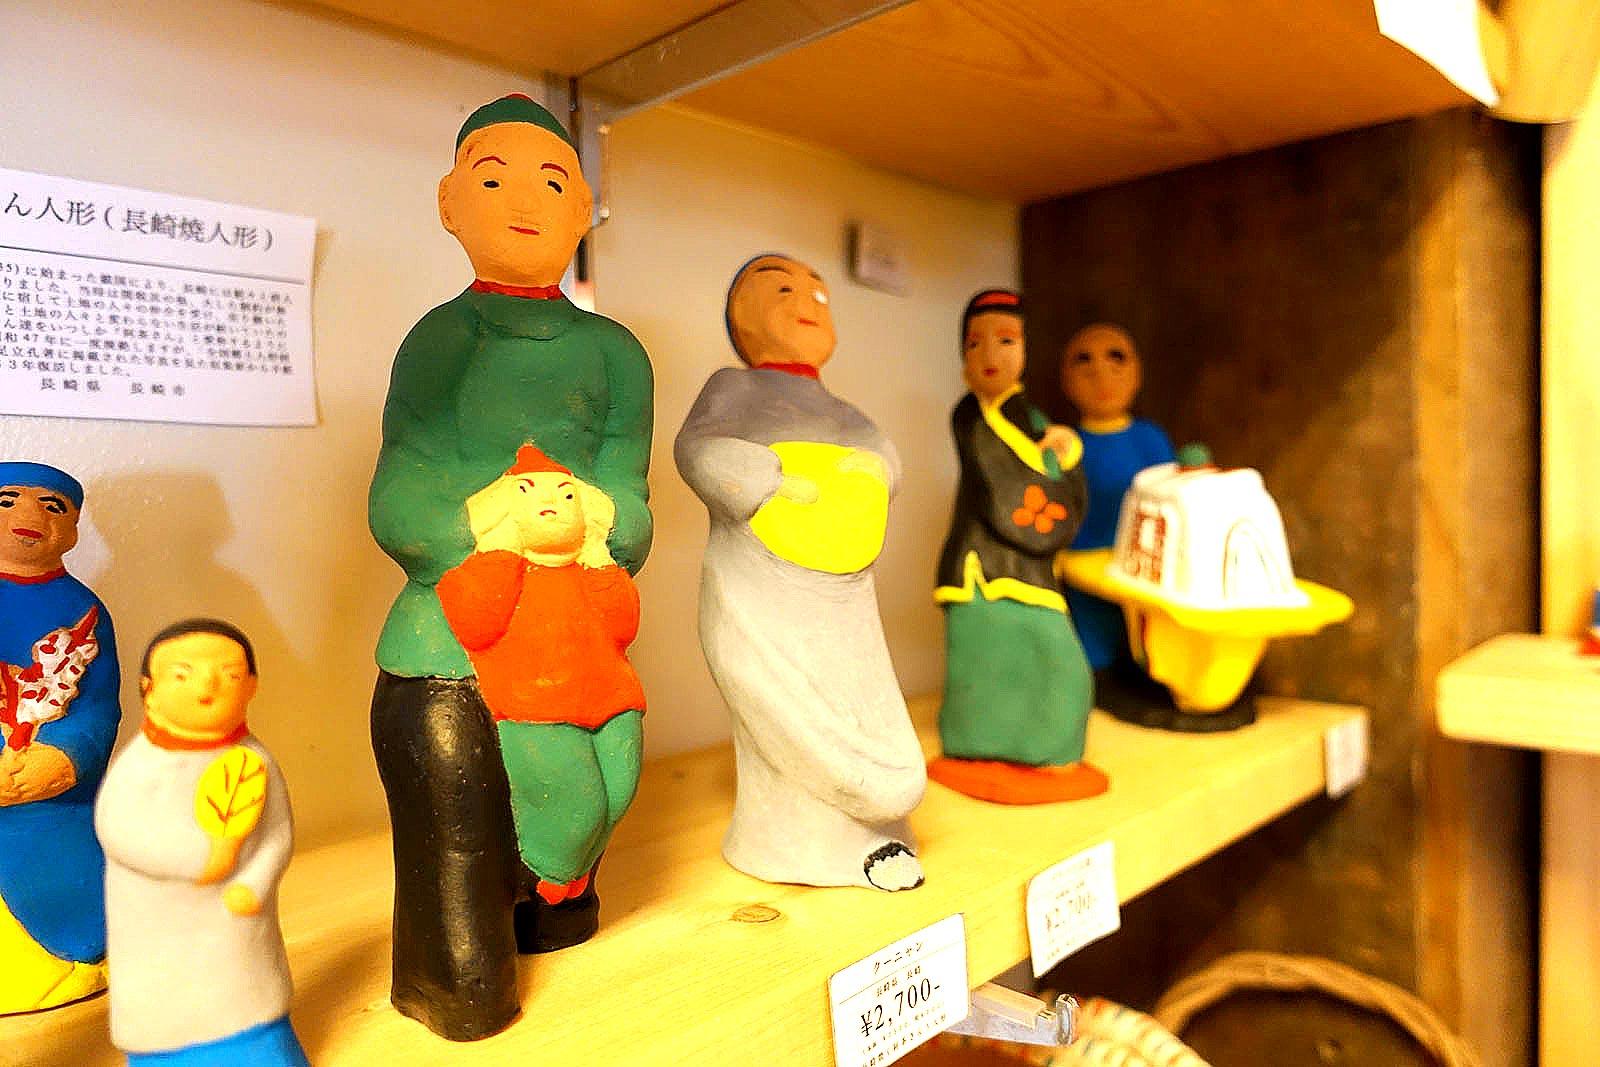 子どもと楽しく遊んでいる姿だという「ナンメンキャンキャン」/長崎県長崎市